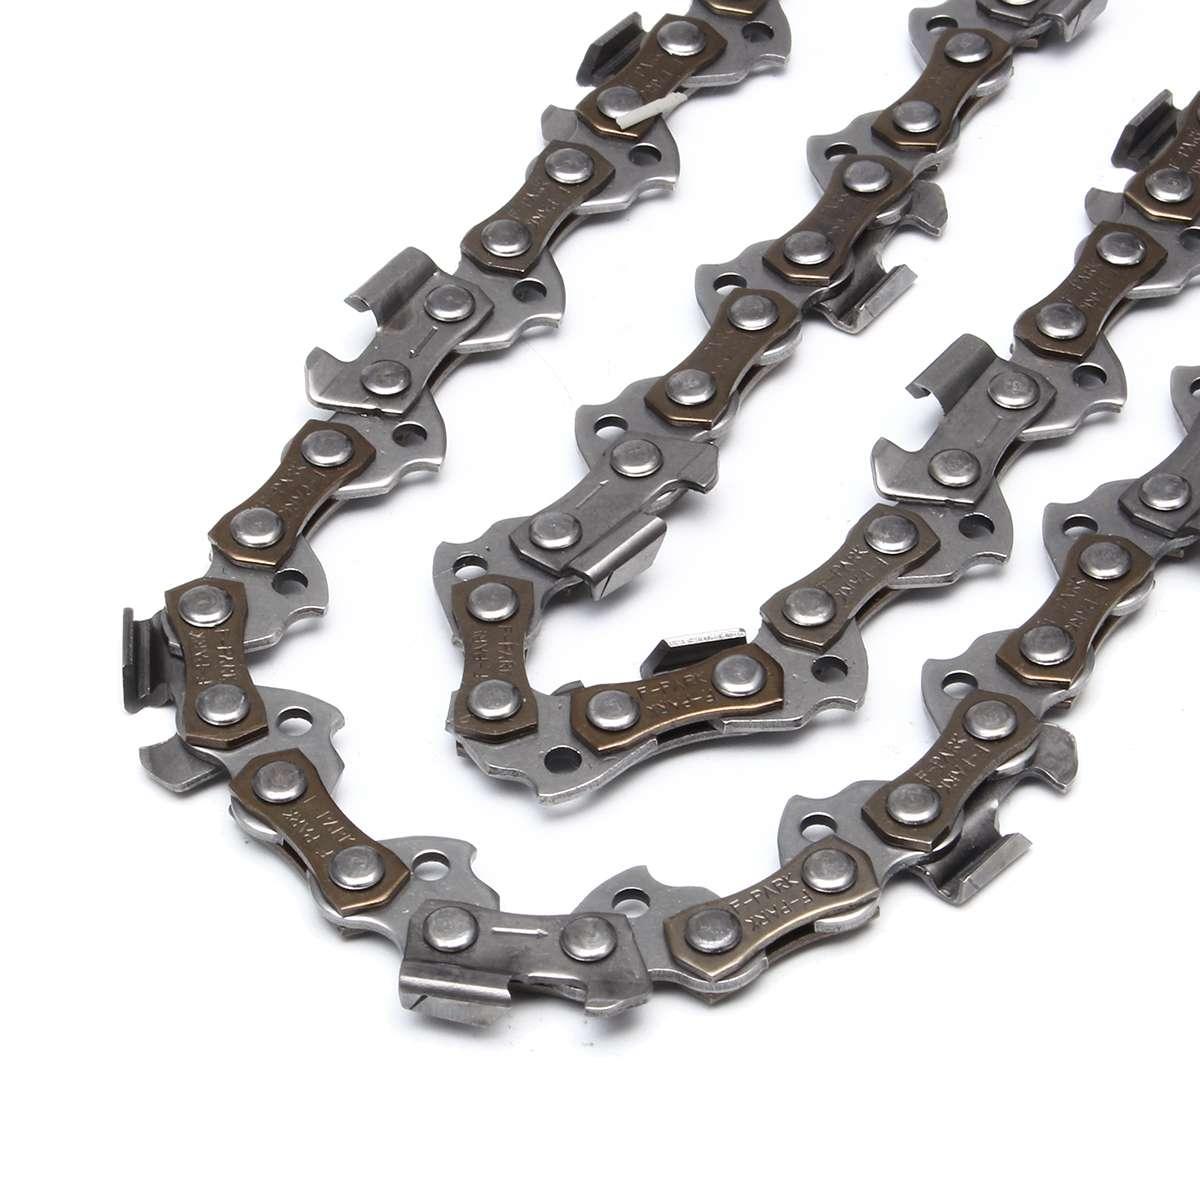 14 дюймов цепная пила направляющая планка с 2 шт. Цепочки для STIHL 017 MS170 MS171 MS170/MS180/MS230/MS250 все типы стали